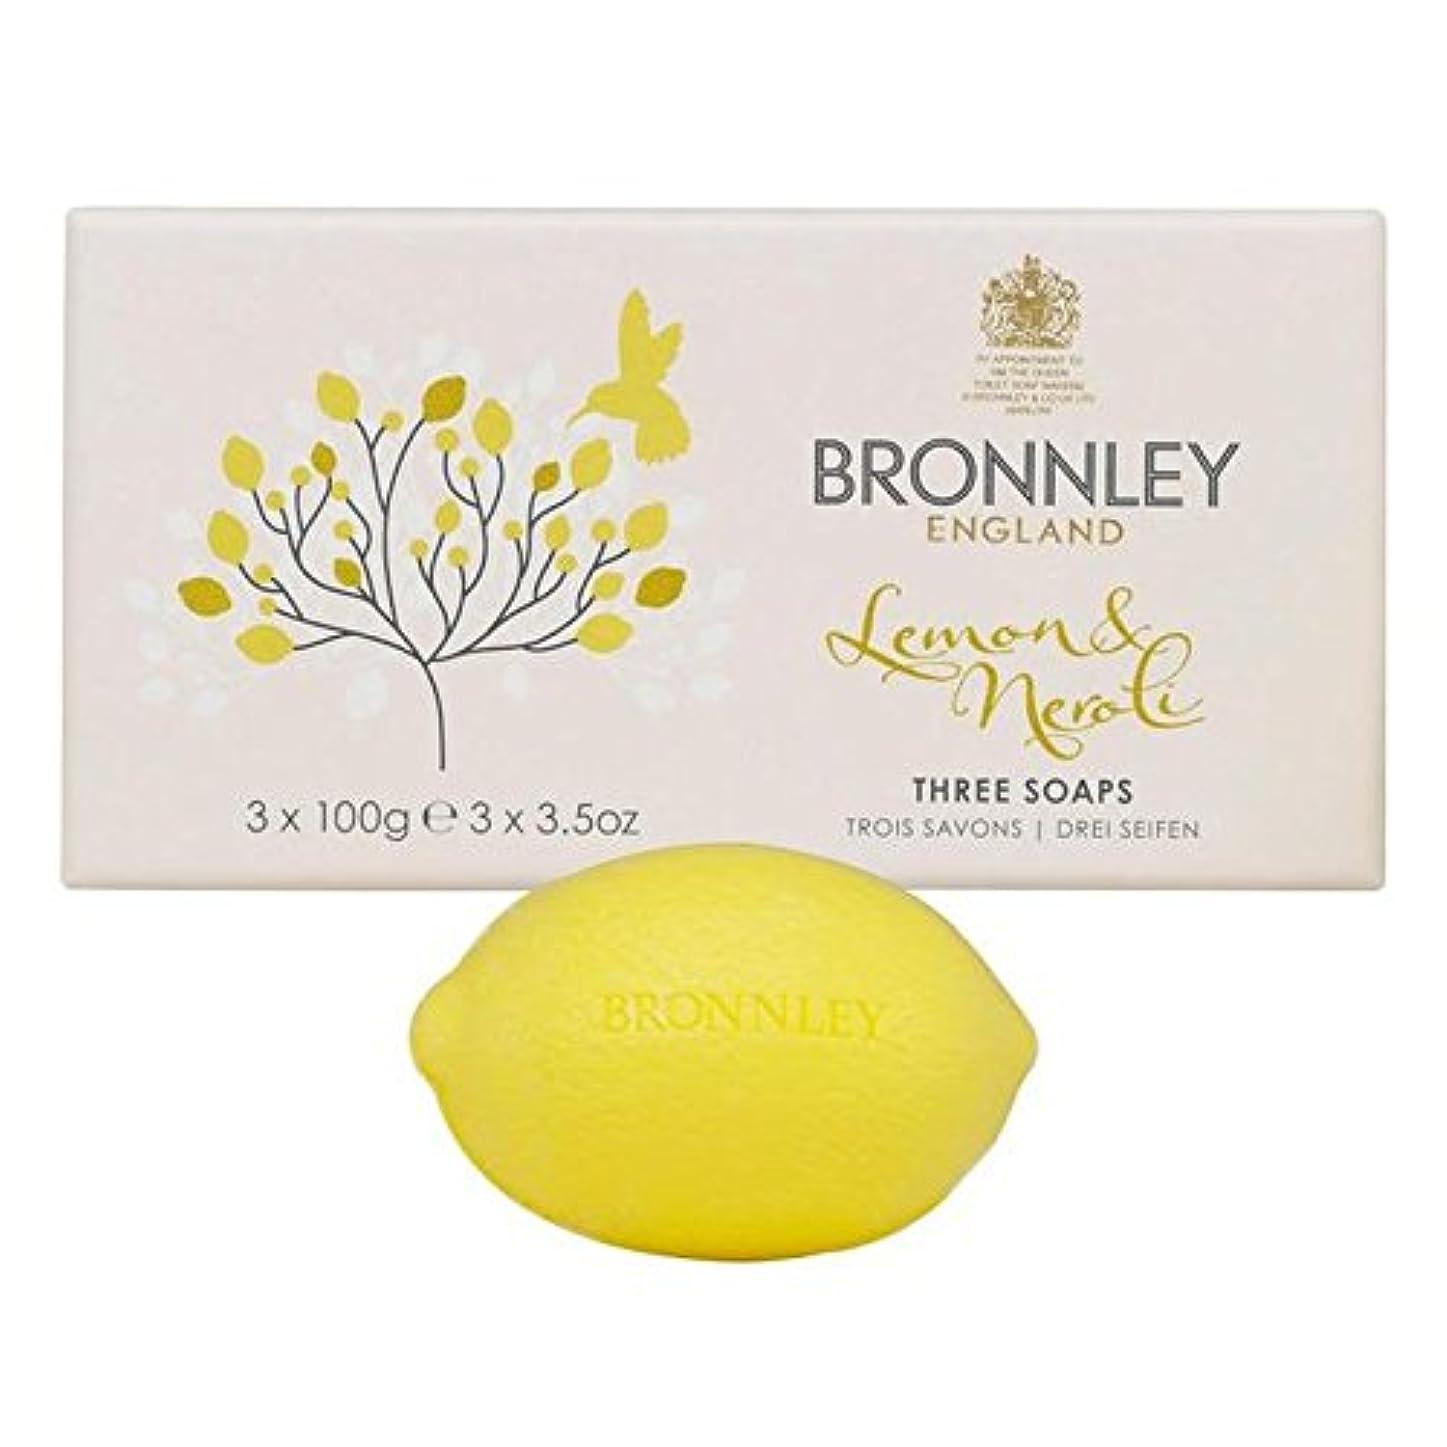 疑問に思う反論エーカーレモン&ネロリ石鹸3×100グラム x2 - Bronnley Lemon & Neroli Soaps 3 x 100g (Pack of 2) [並行輸入品]